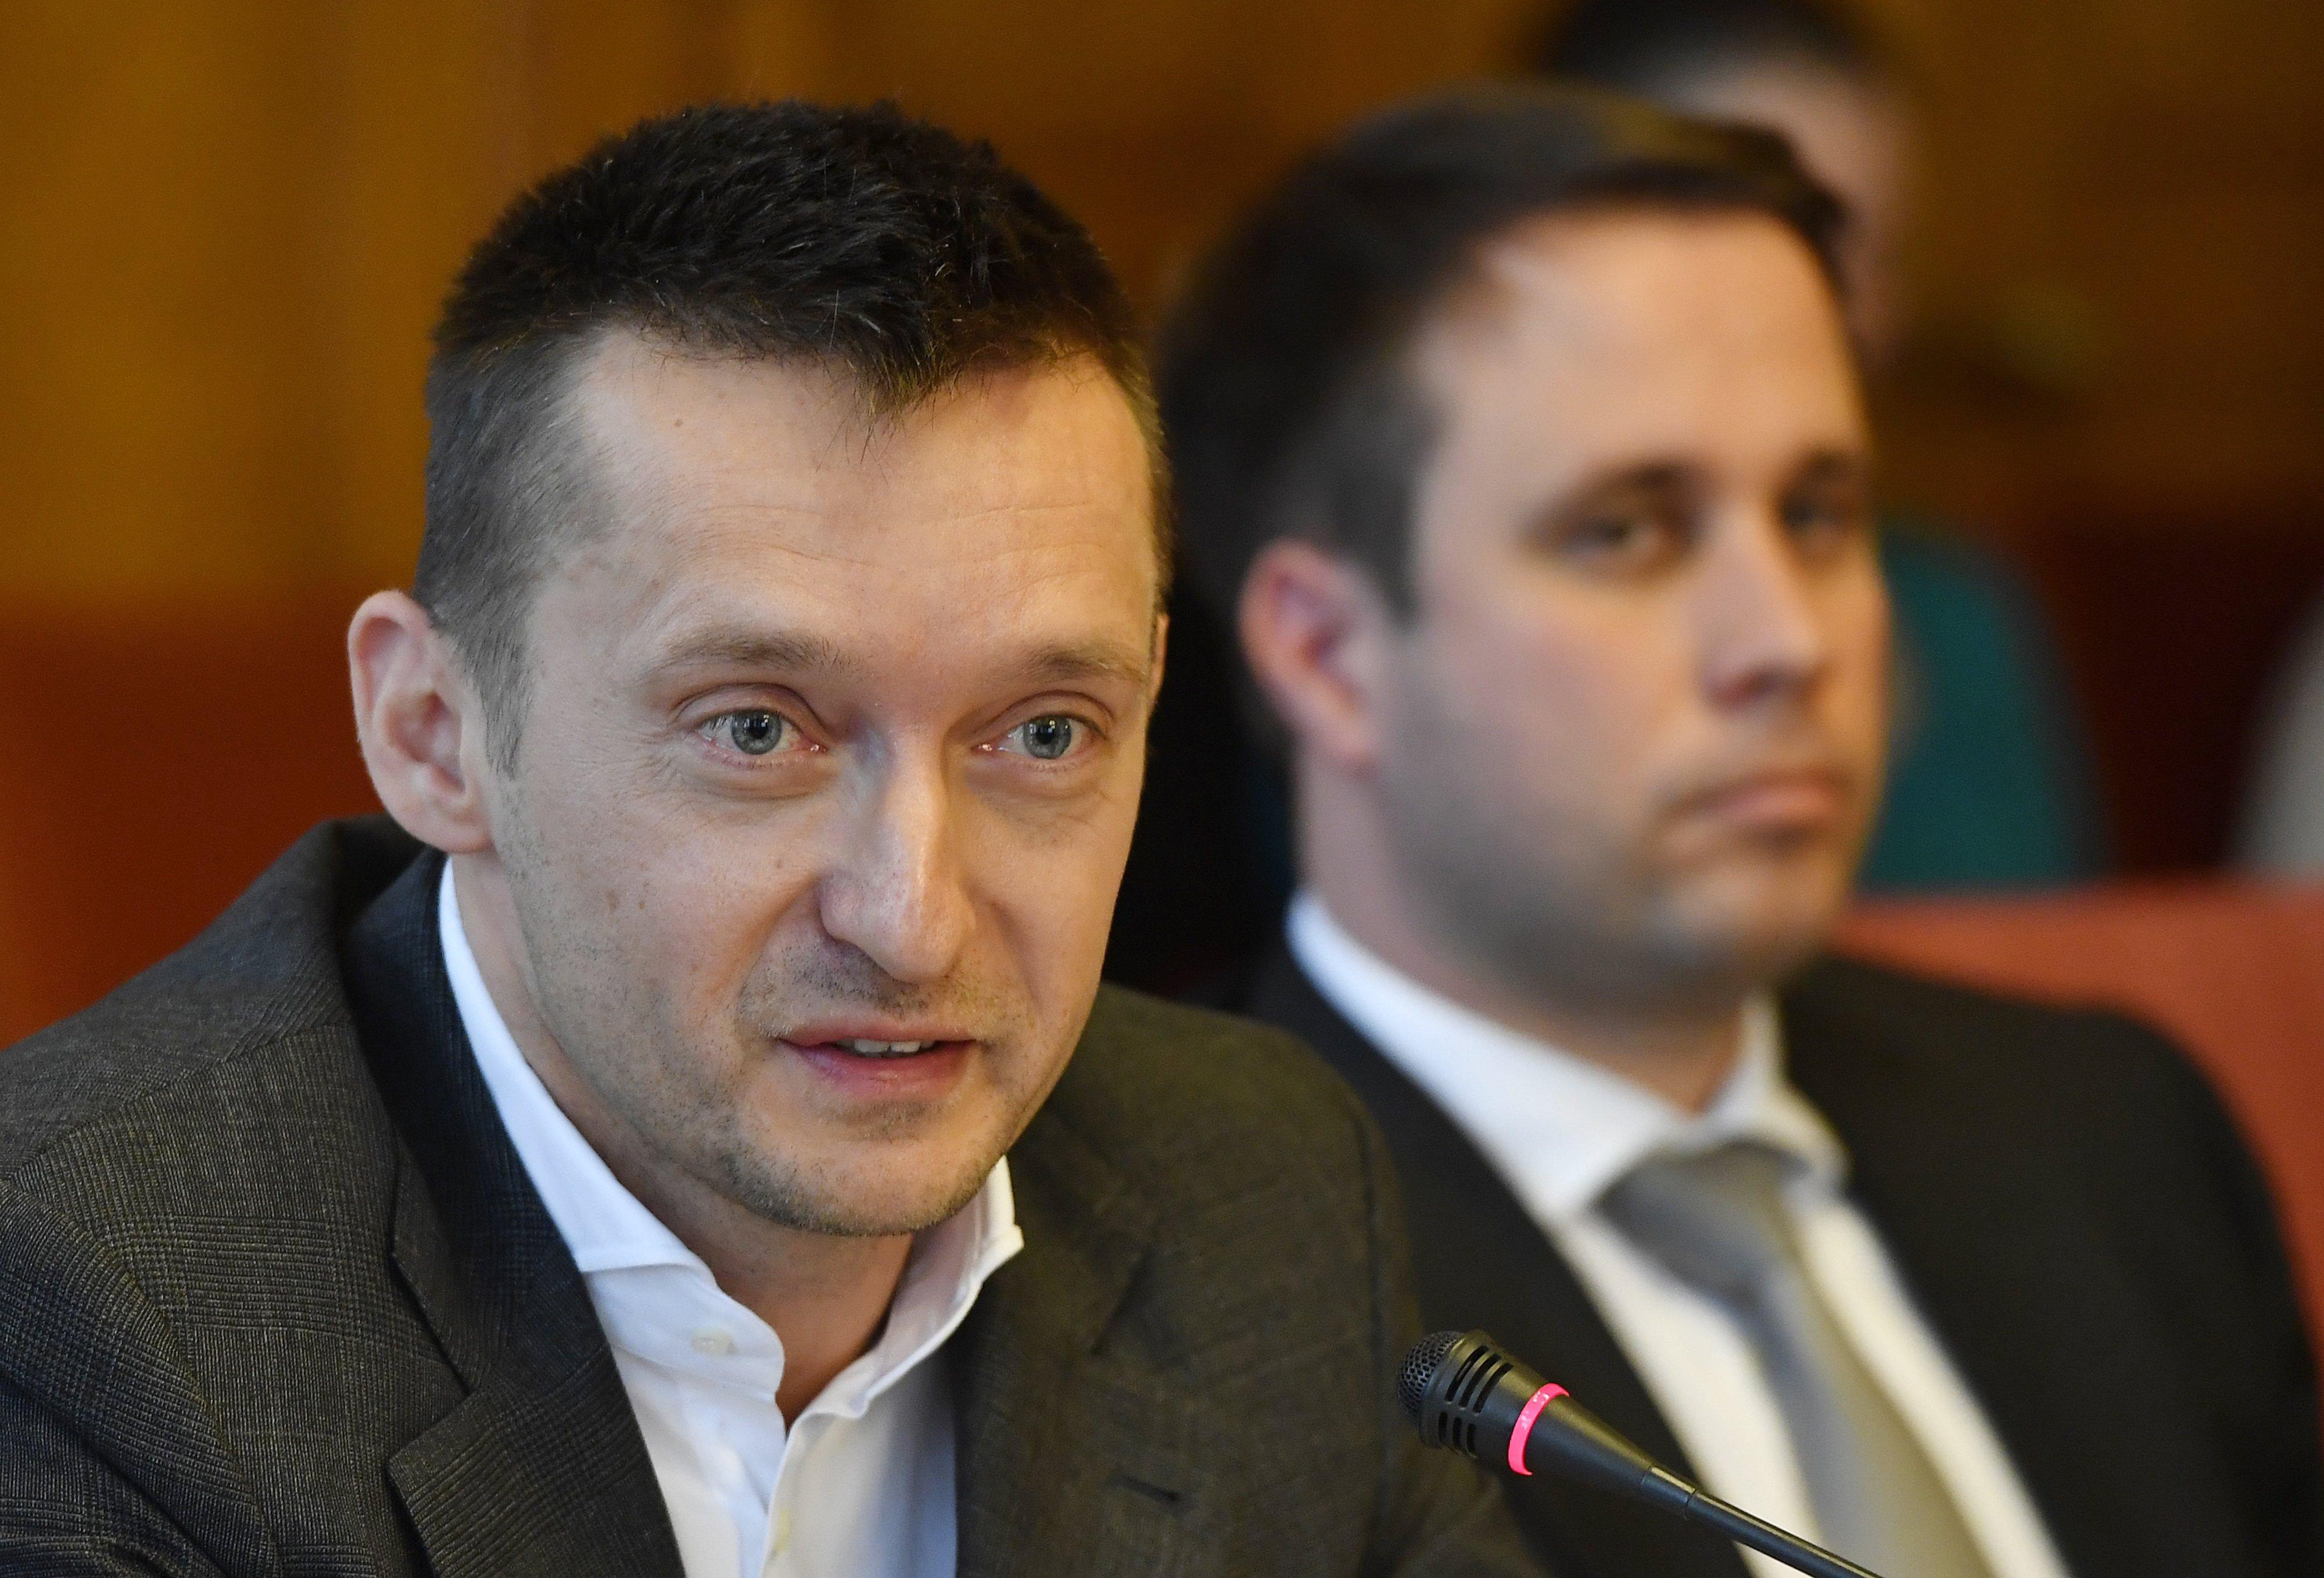 Rogán Antal azt mondta, miniszterként egy feladata van: győzelemre vezetni Orbánt a választáson